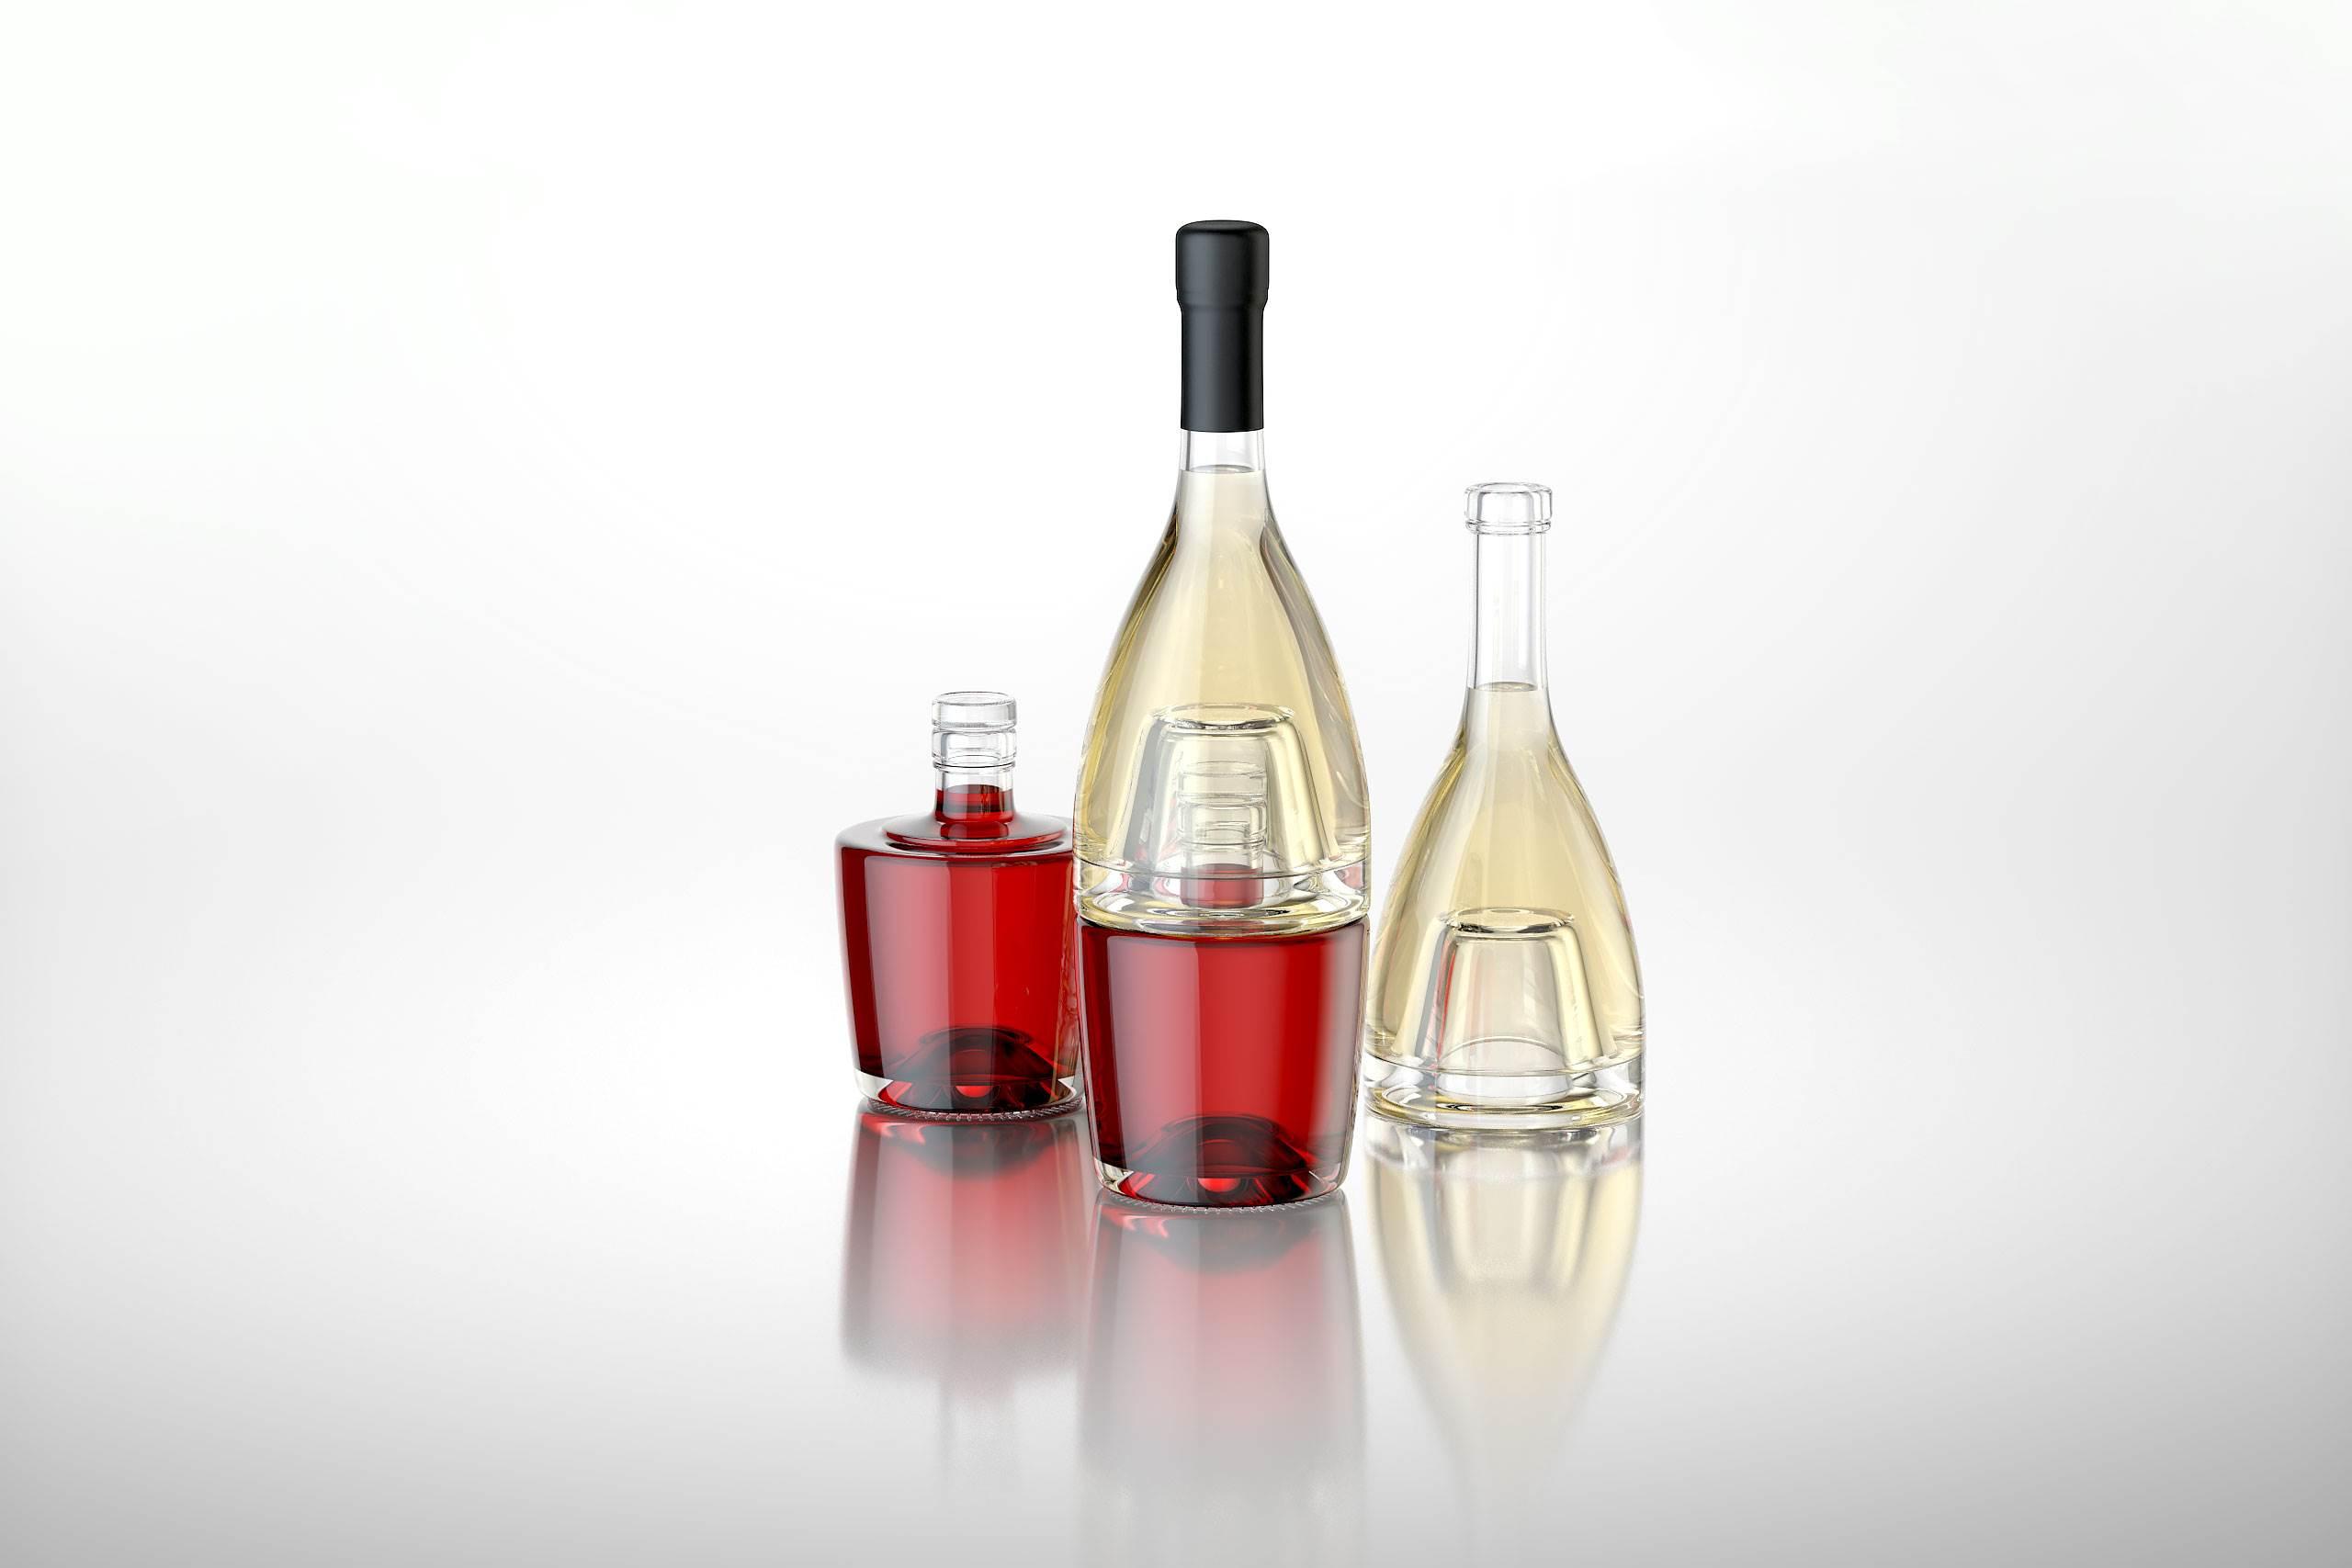 Jumeaux 3D Model Of Bottle For A Wine Or Vinegar WA